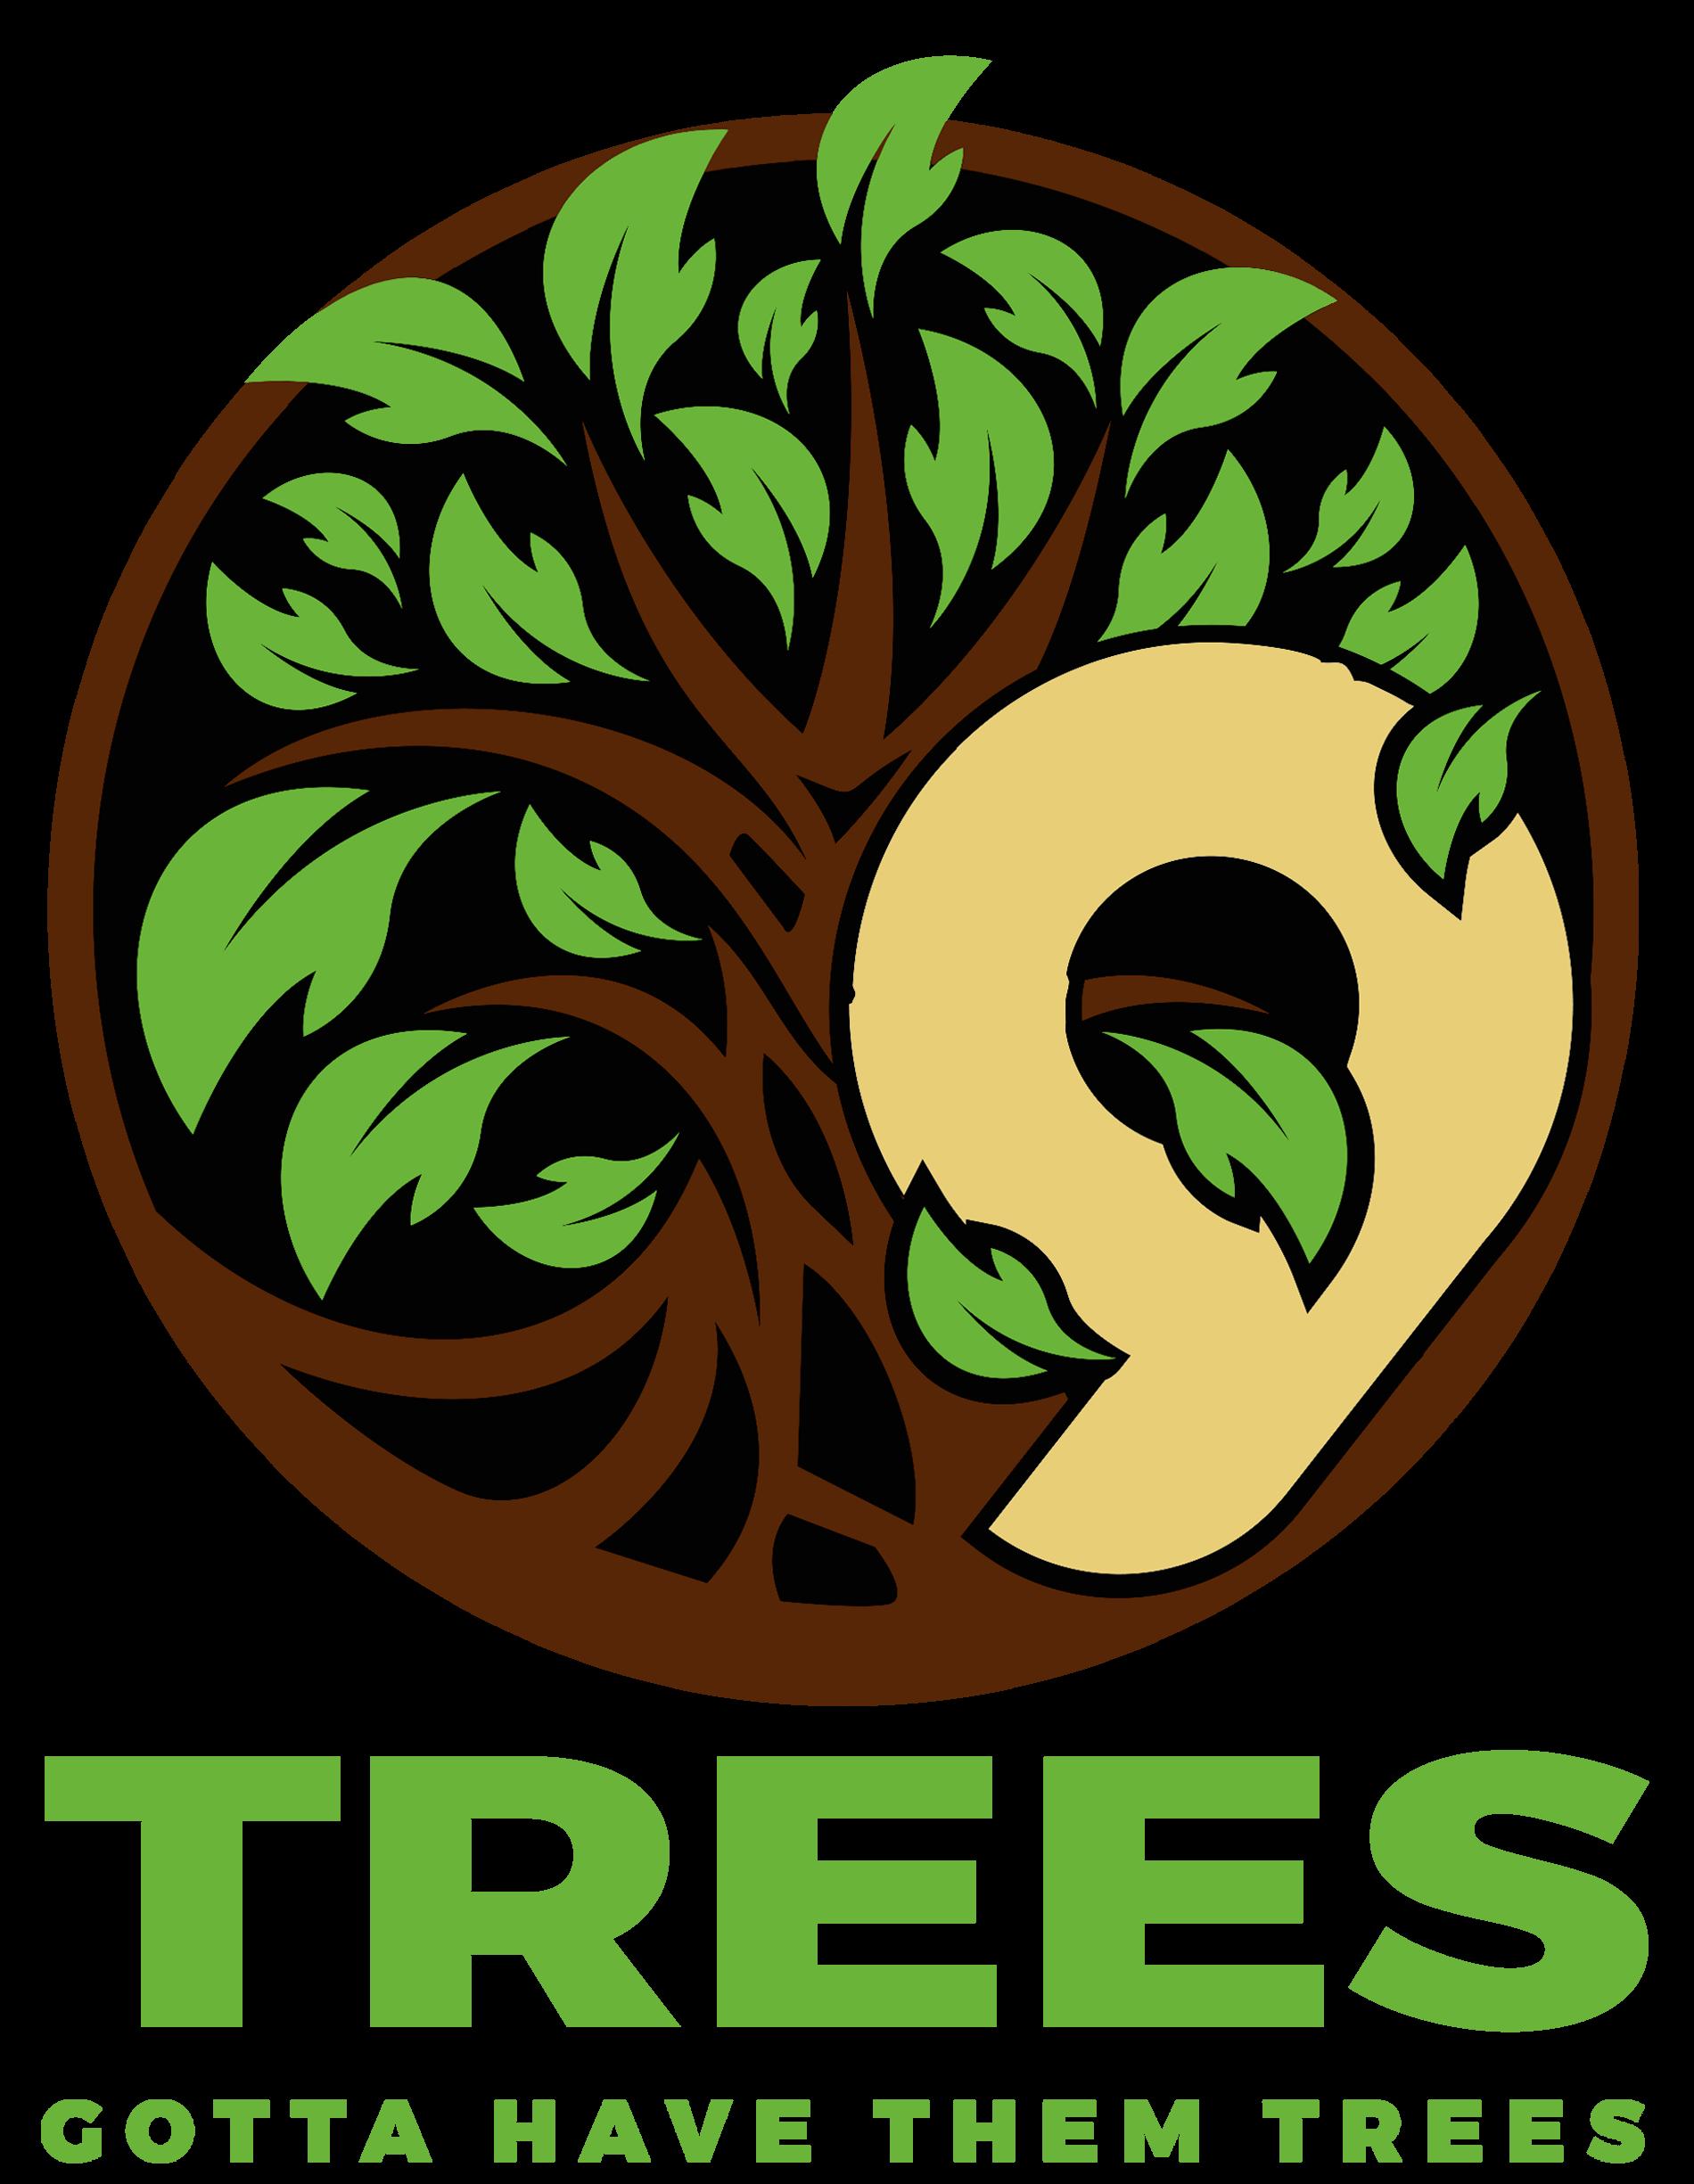 9 Trees